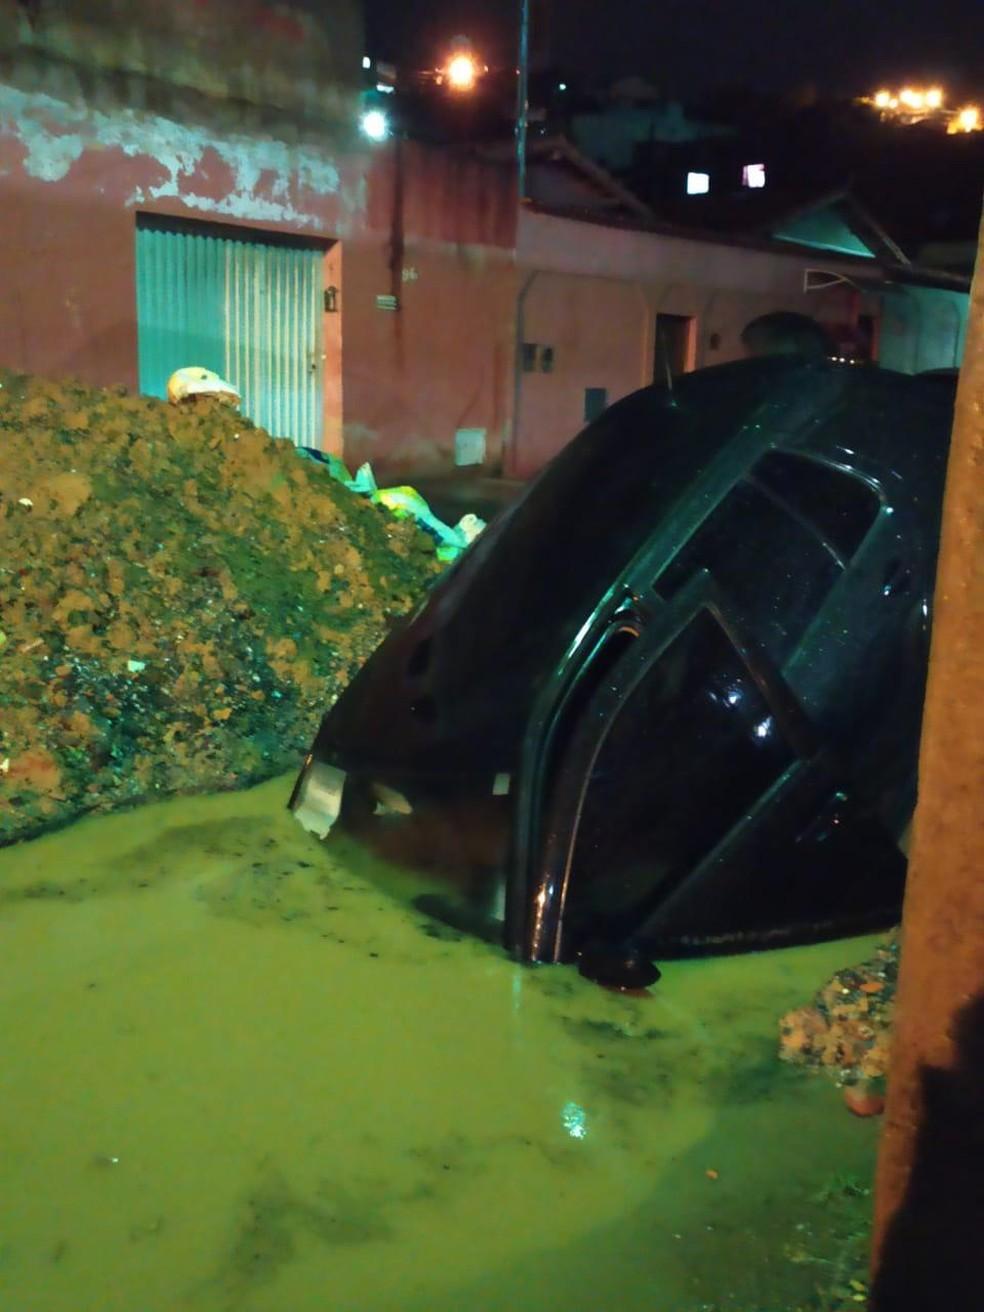 Motorista alega que local não estava sinalziado — Foto: David Aryel Soares Aguiar/ Arquivo pessoal